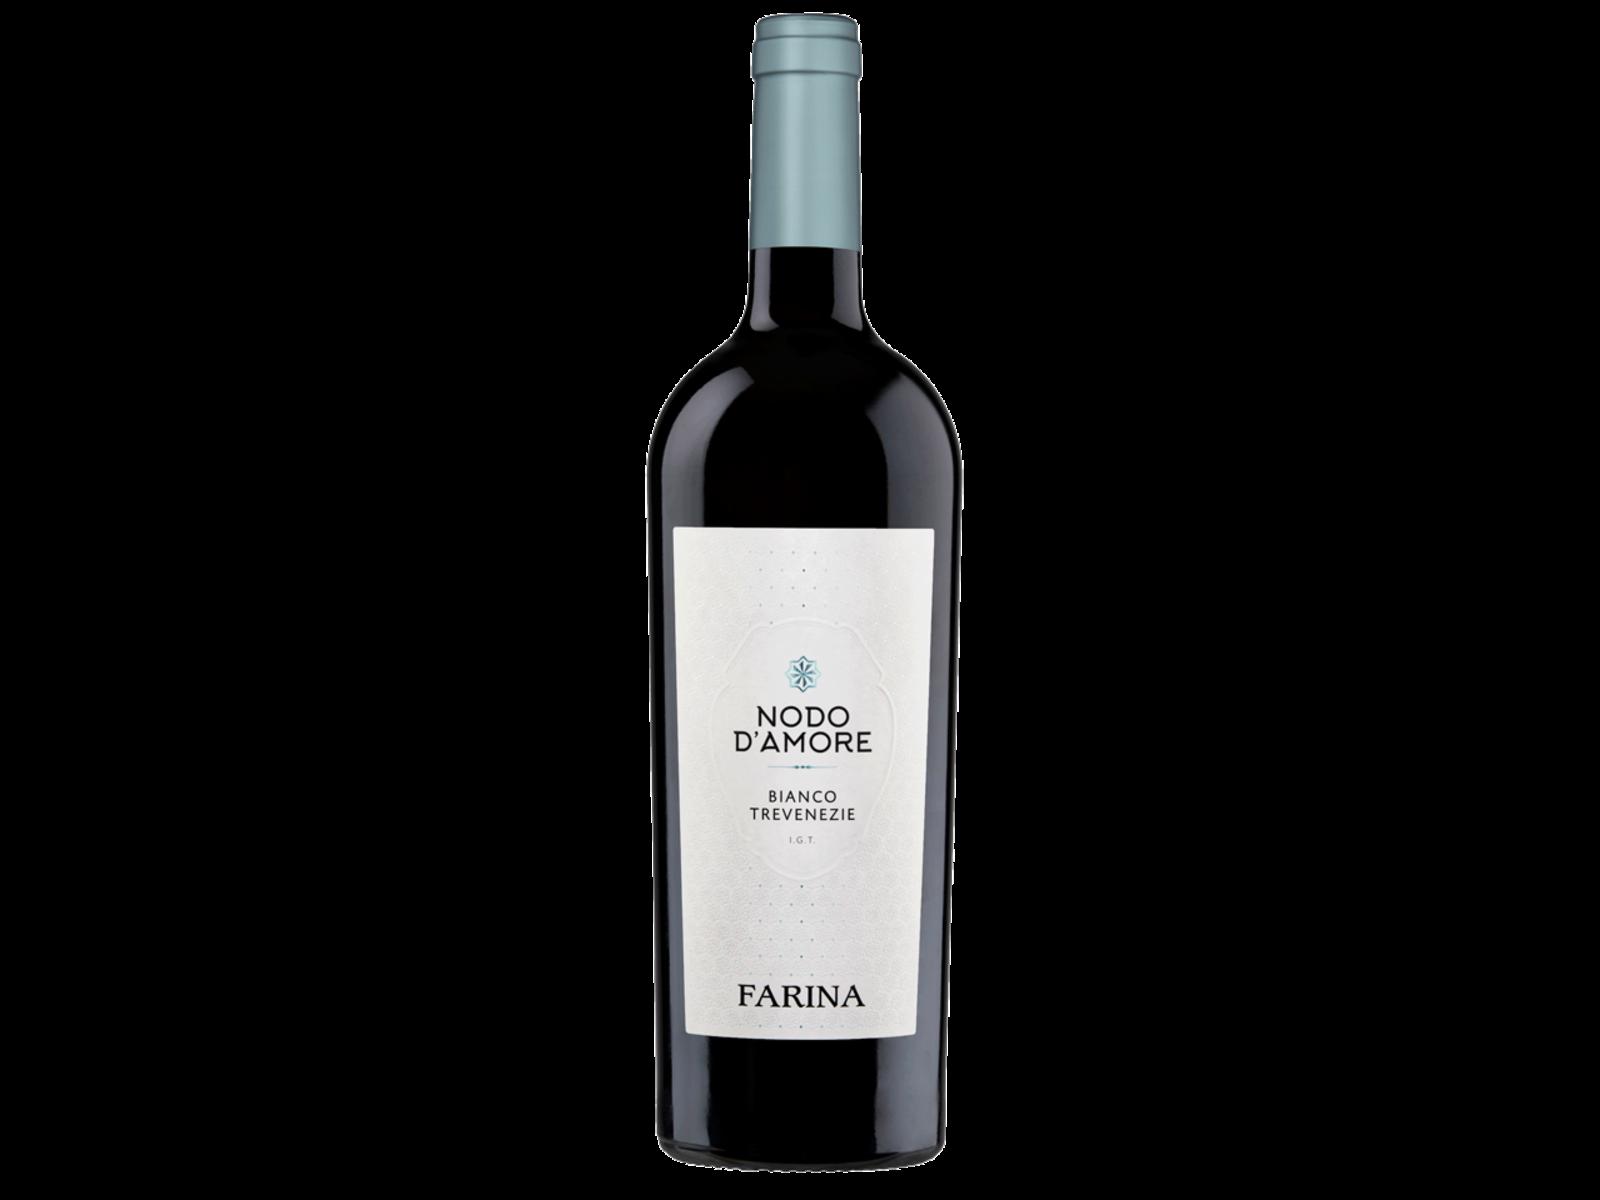 Farina Farina / Nodo d'Amore / Bianco